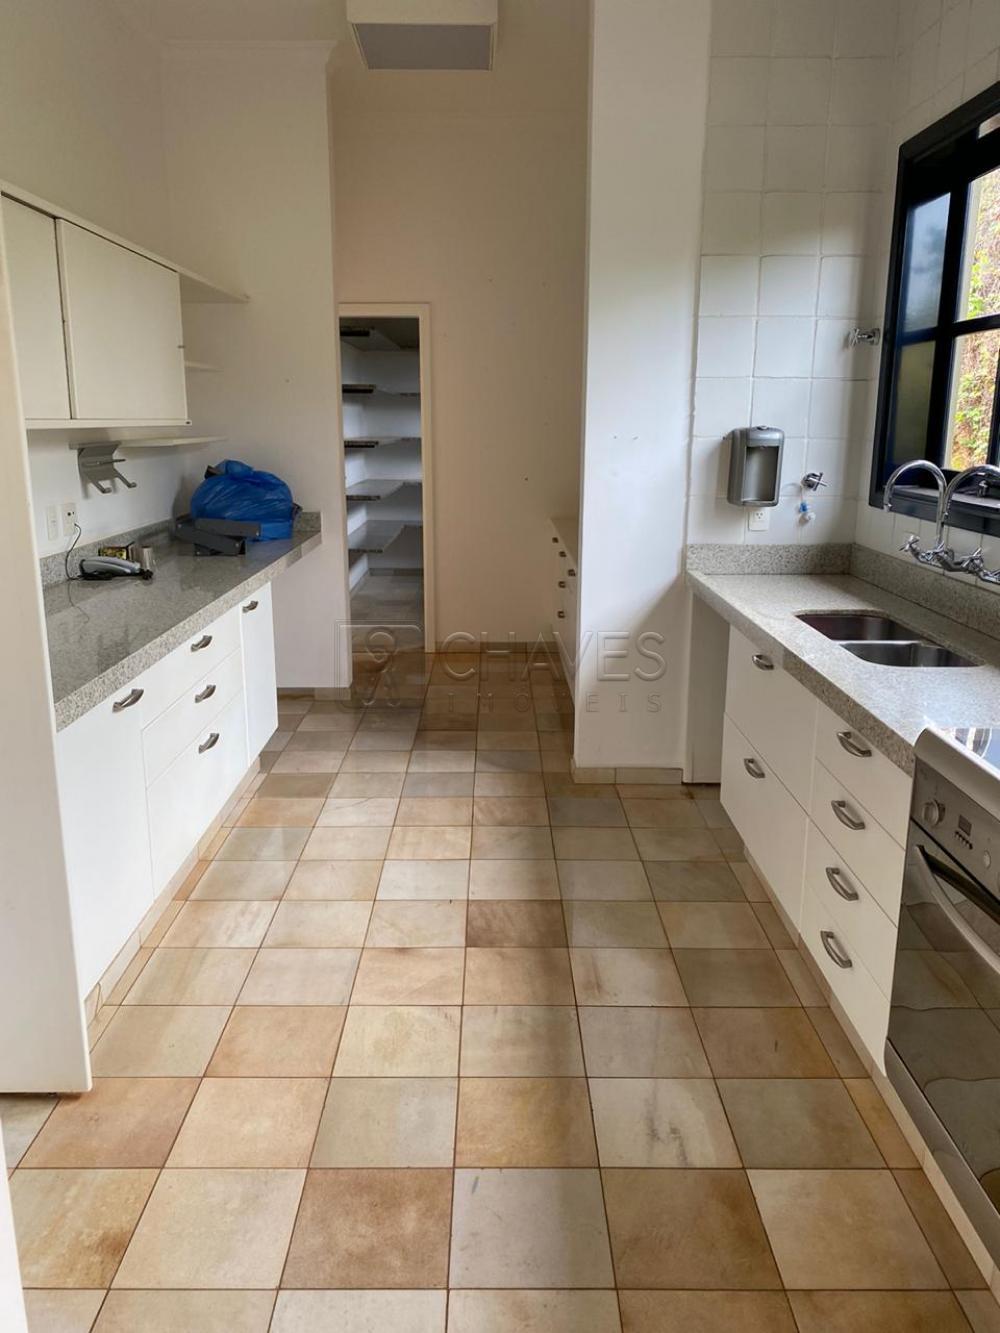 Comprar Casa / Condomínio em Ribeirão Preto apenas R$ 4.900.000,00 - Foto 8